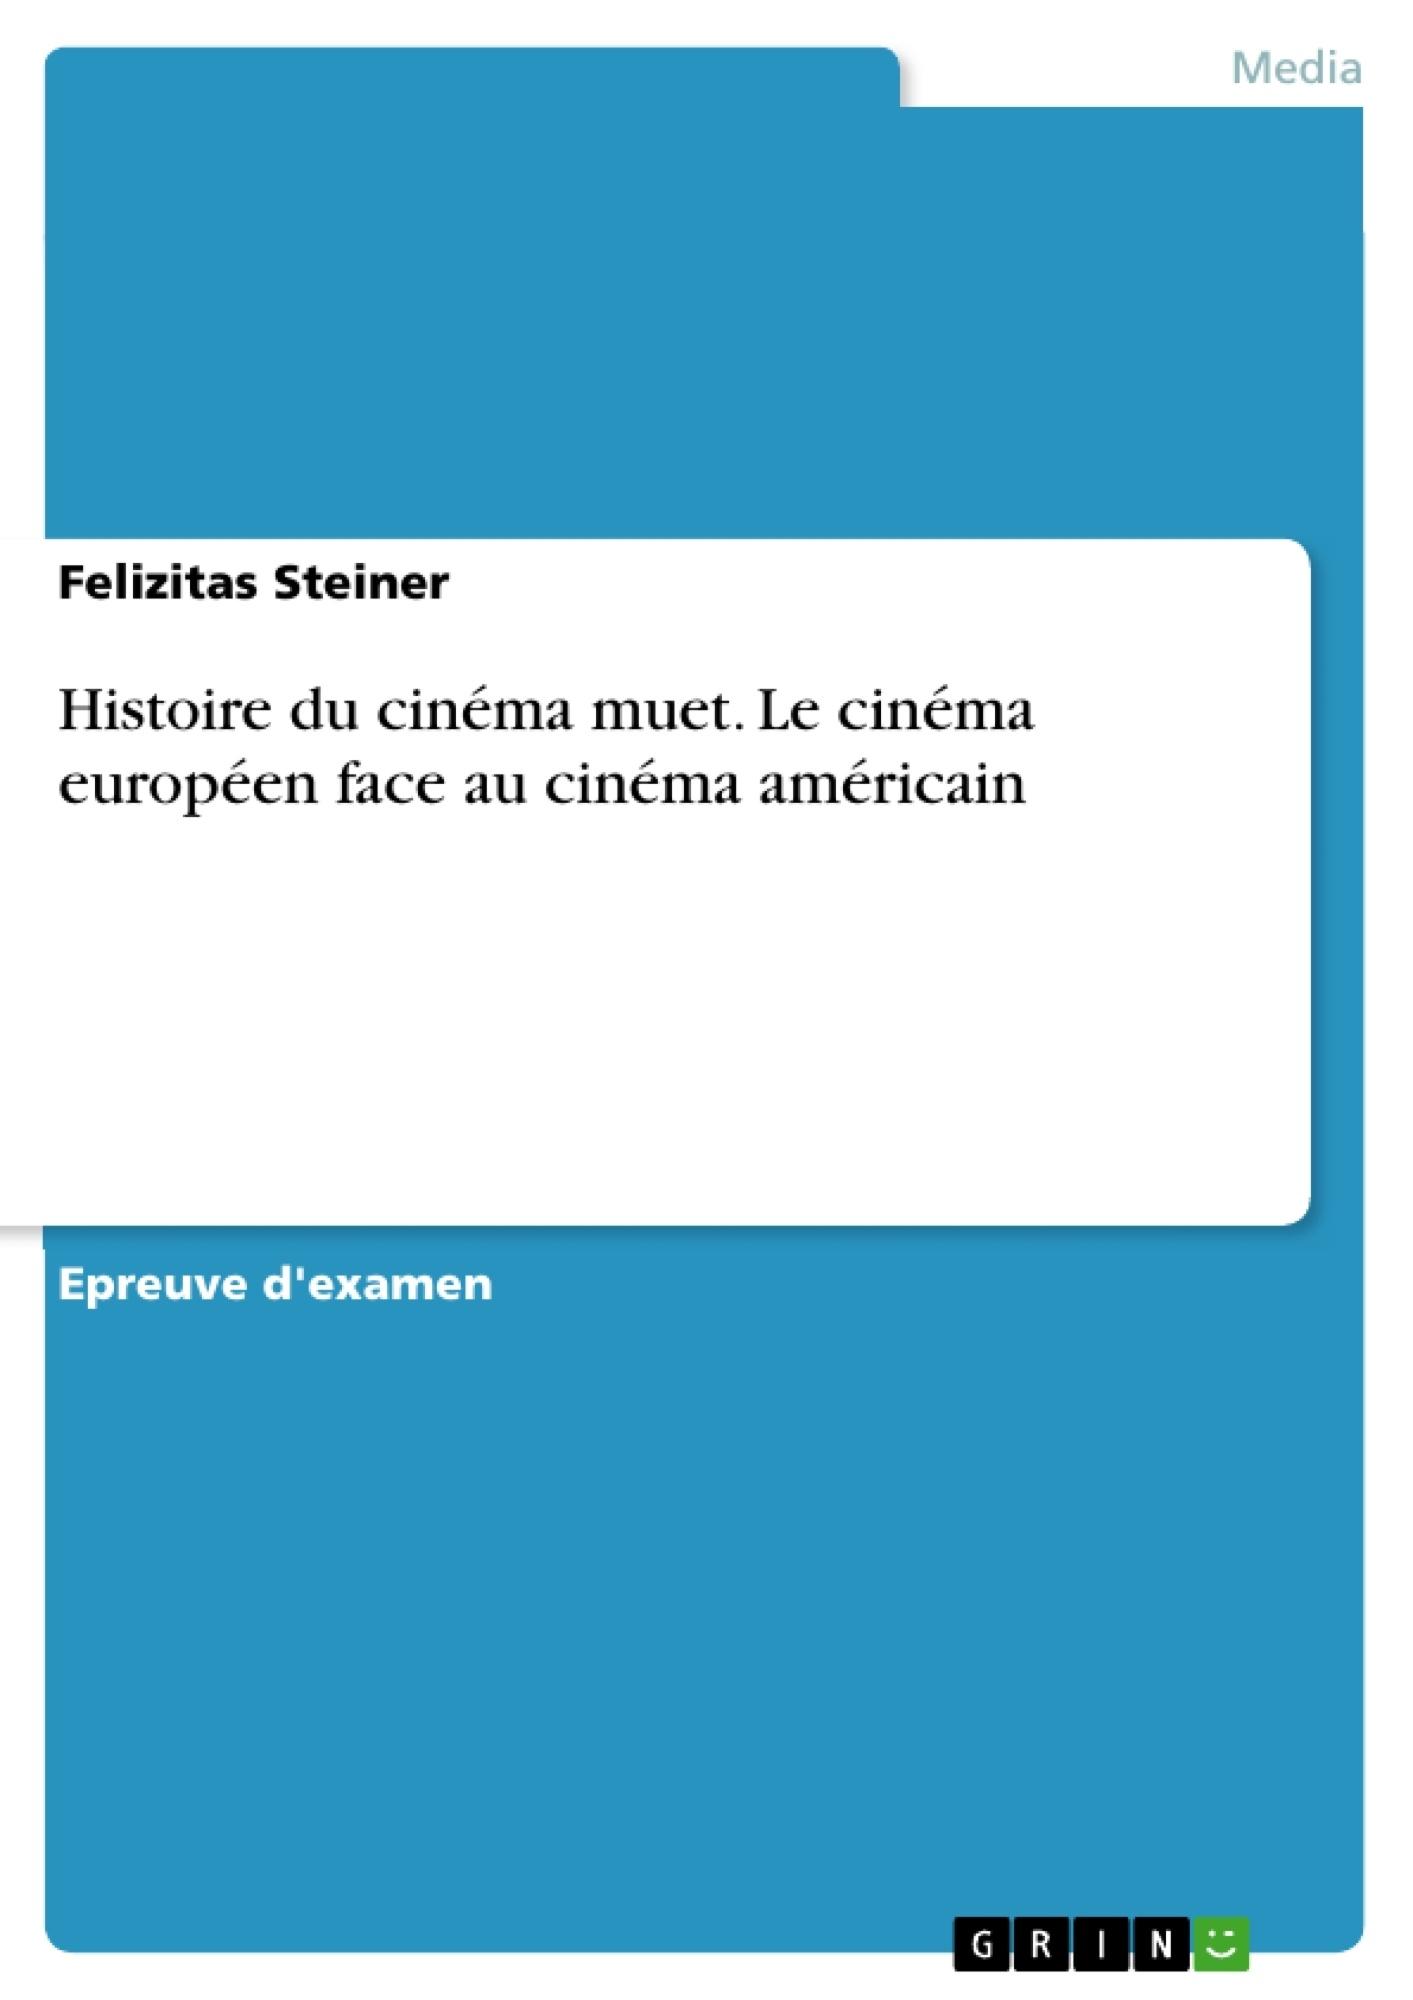 Titre: Histoire du cinéma muet. Le cinéma européen face au cinéma américain